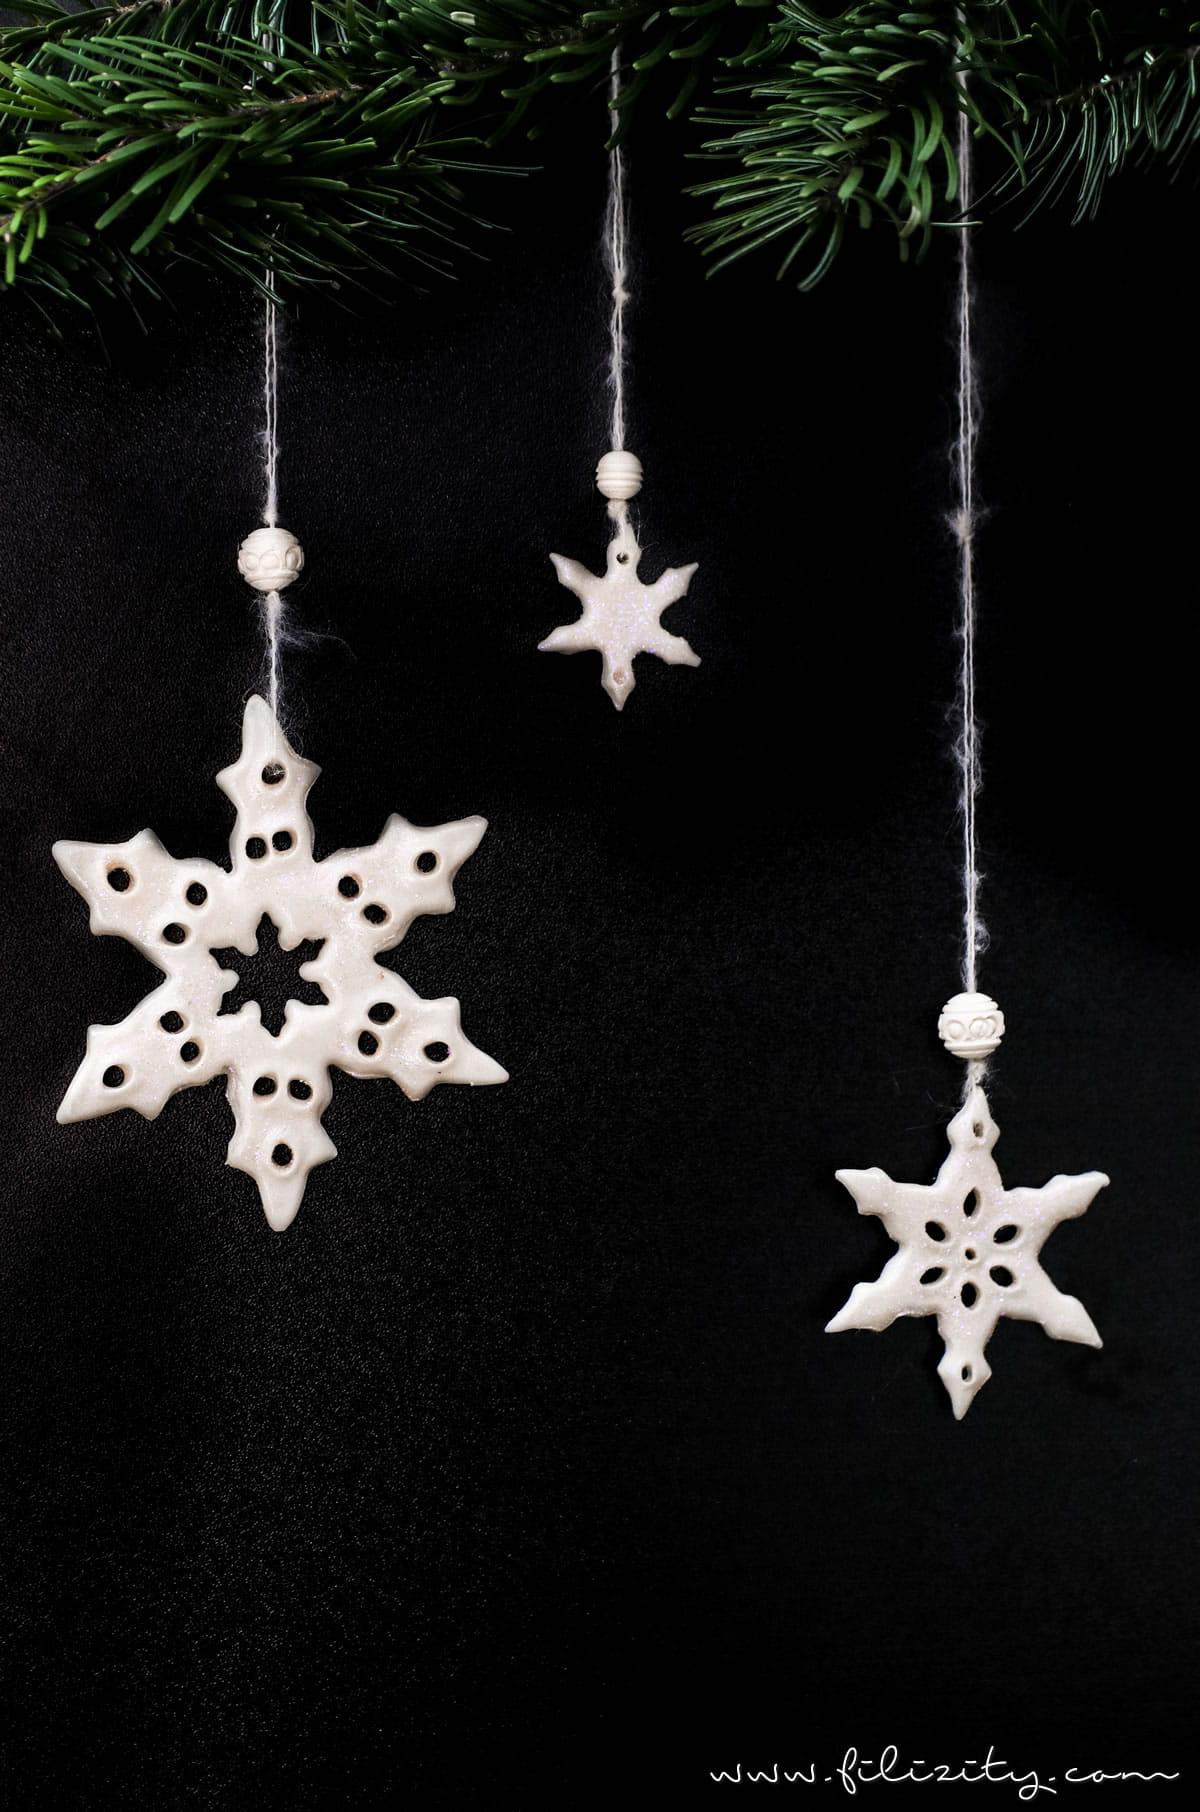 DIY Winter & Weihnachtsdeko: Kaltporzellan Schneeflocken Fenster-/Baum-Anhänger selber machen | Filizity.com | DIY-Blog aus dem Rheinland #weihnachtsdeko #kaltporzellan #schneeflöckchen